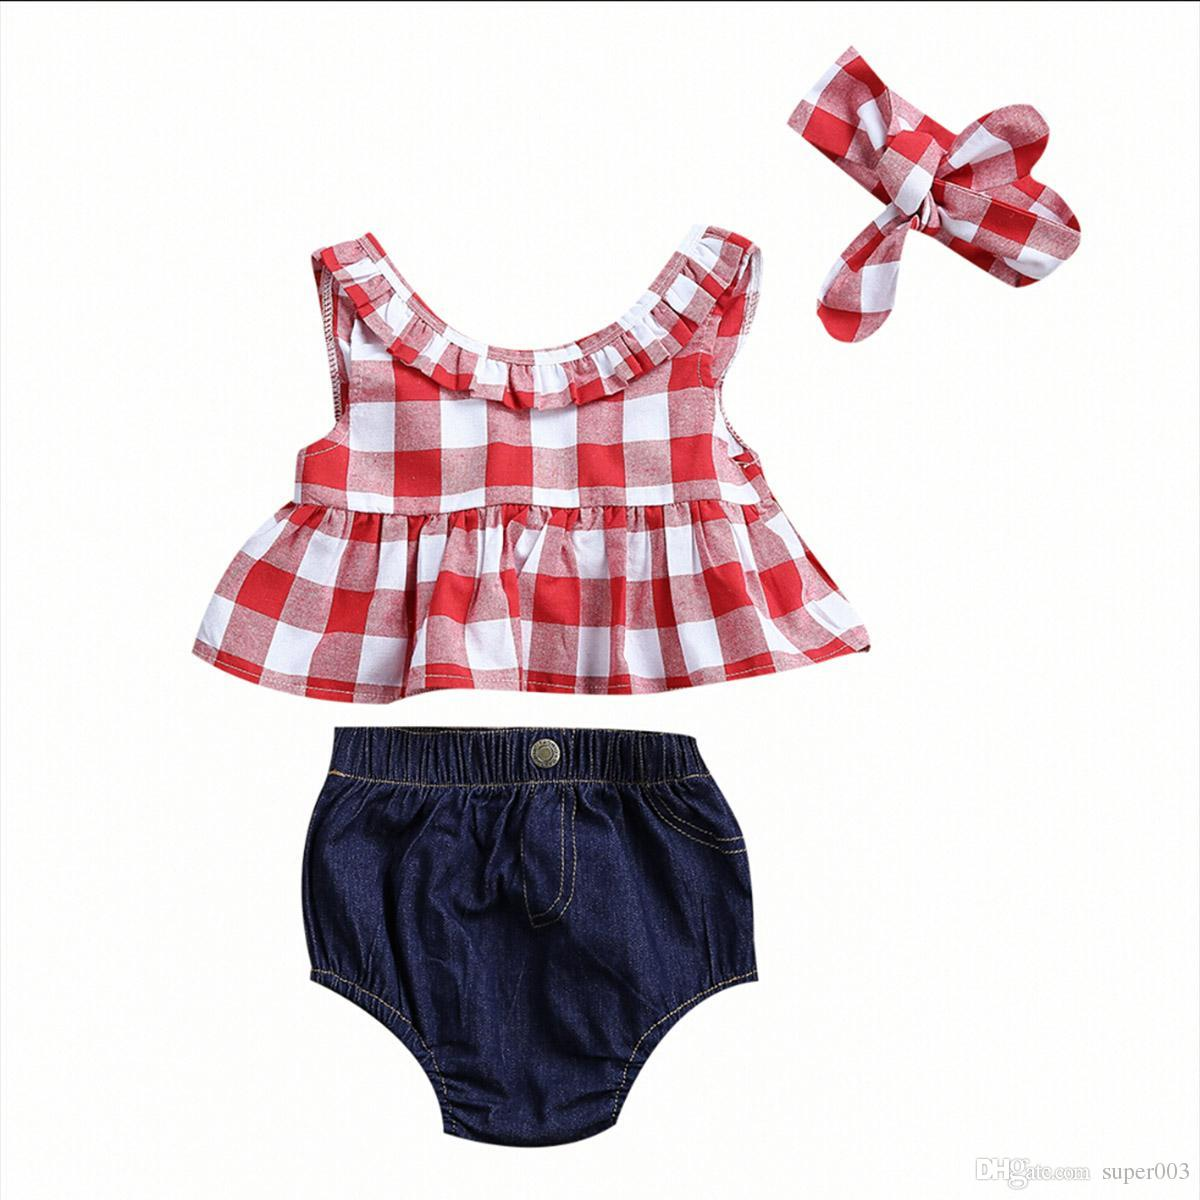 3шт малыша детская одежда 2018 летний красный плед с юбкой футболка топы + джинсовые шорты шаровары оголовье наряд детская одежда комплект